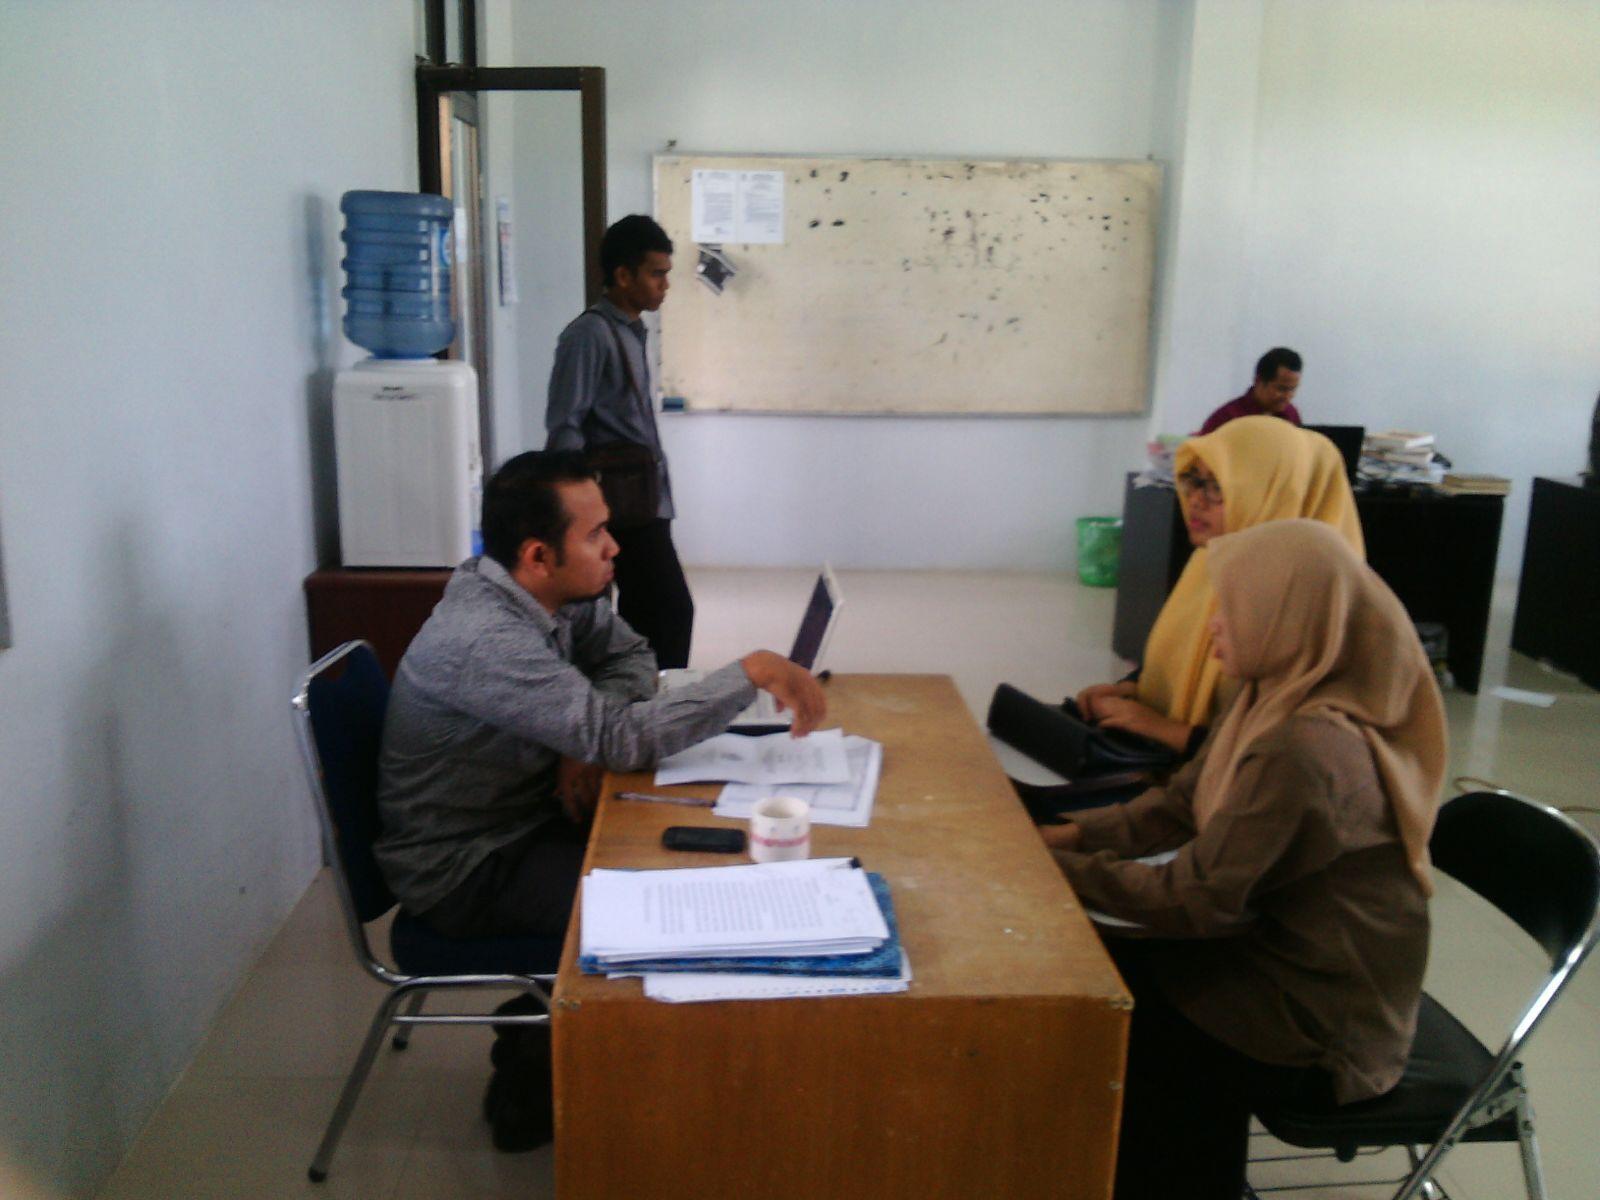 Konsultasi Proposal Mahasiswa Muamalah Membludak